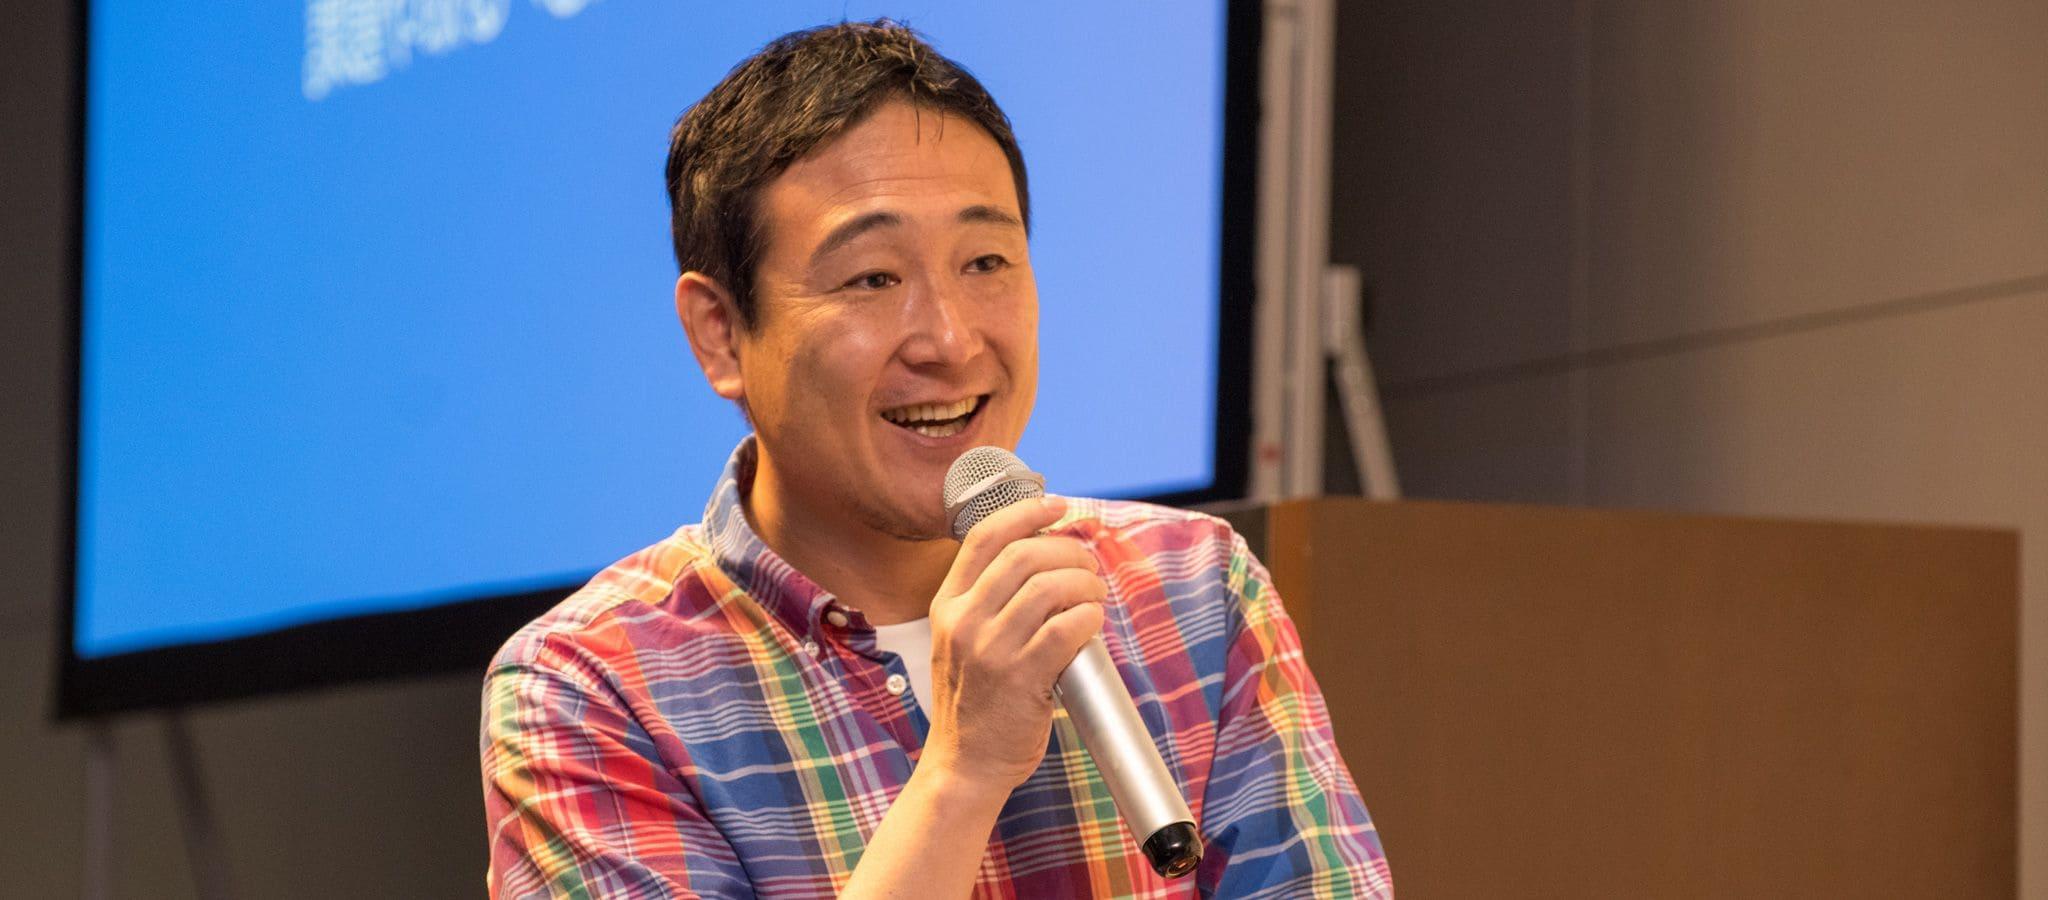 デジタルハリウッド大学大学院の佐藤昌宏教授が語る「学びが止まった国と継続できた国の致命的な差」